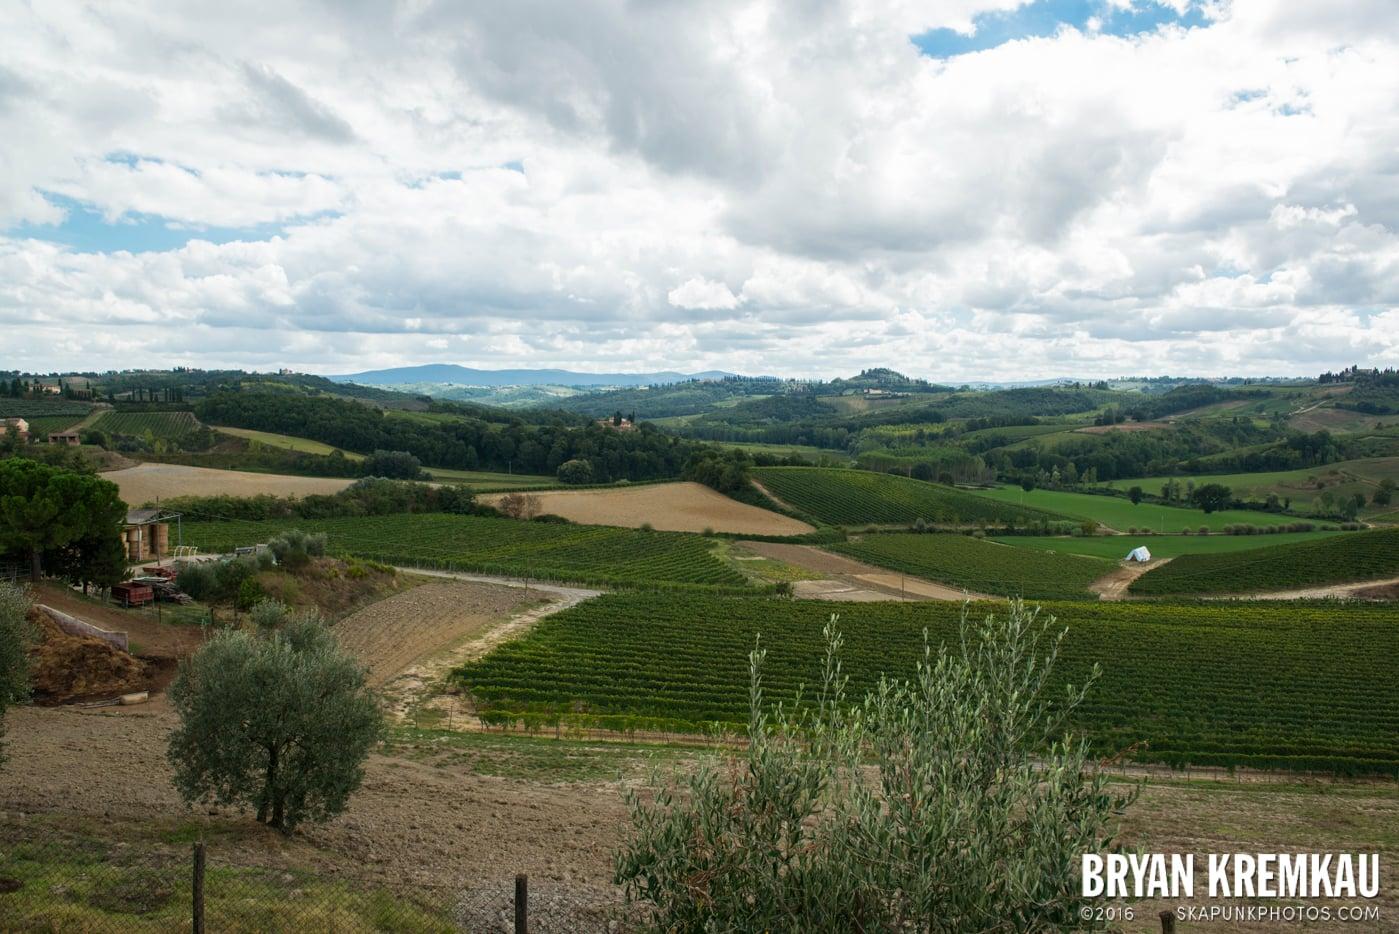 Italy Vacation - Day 8: Siena, San Gimignano, Chianti, Pisa - 9.16.13 (87)